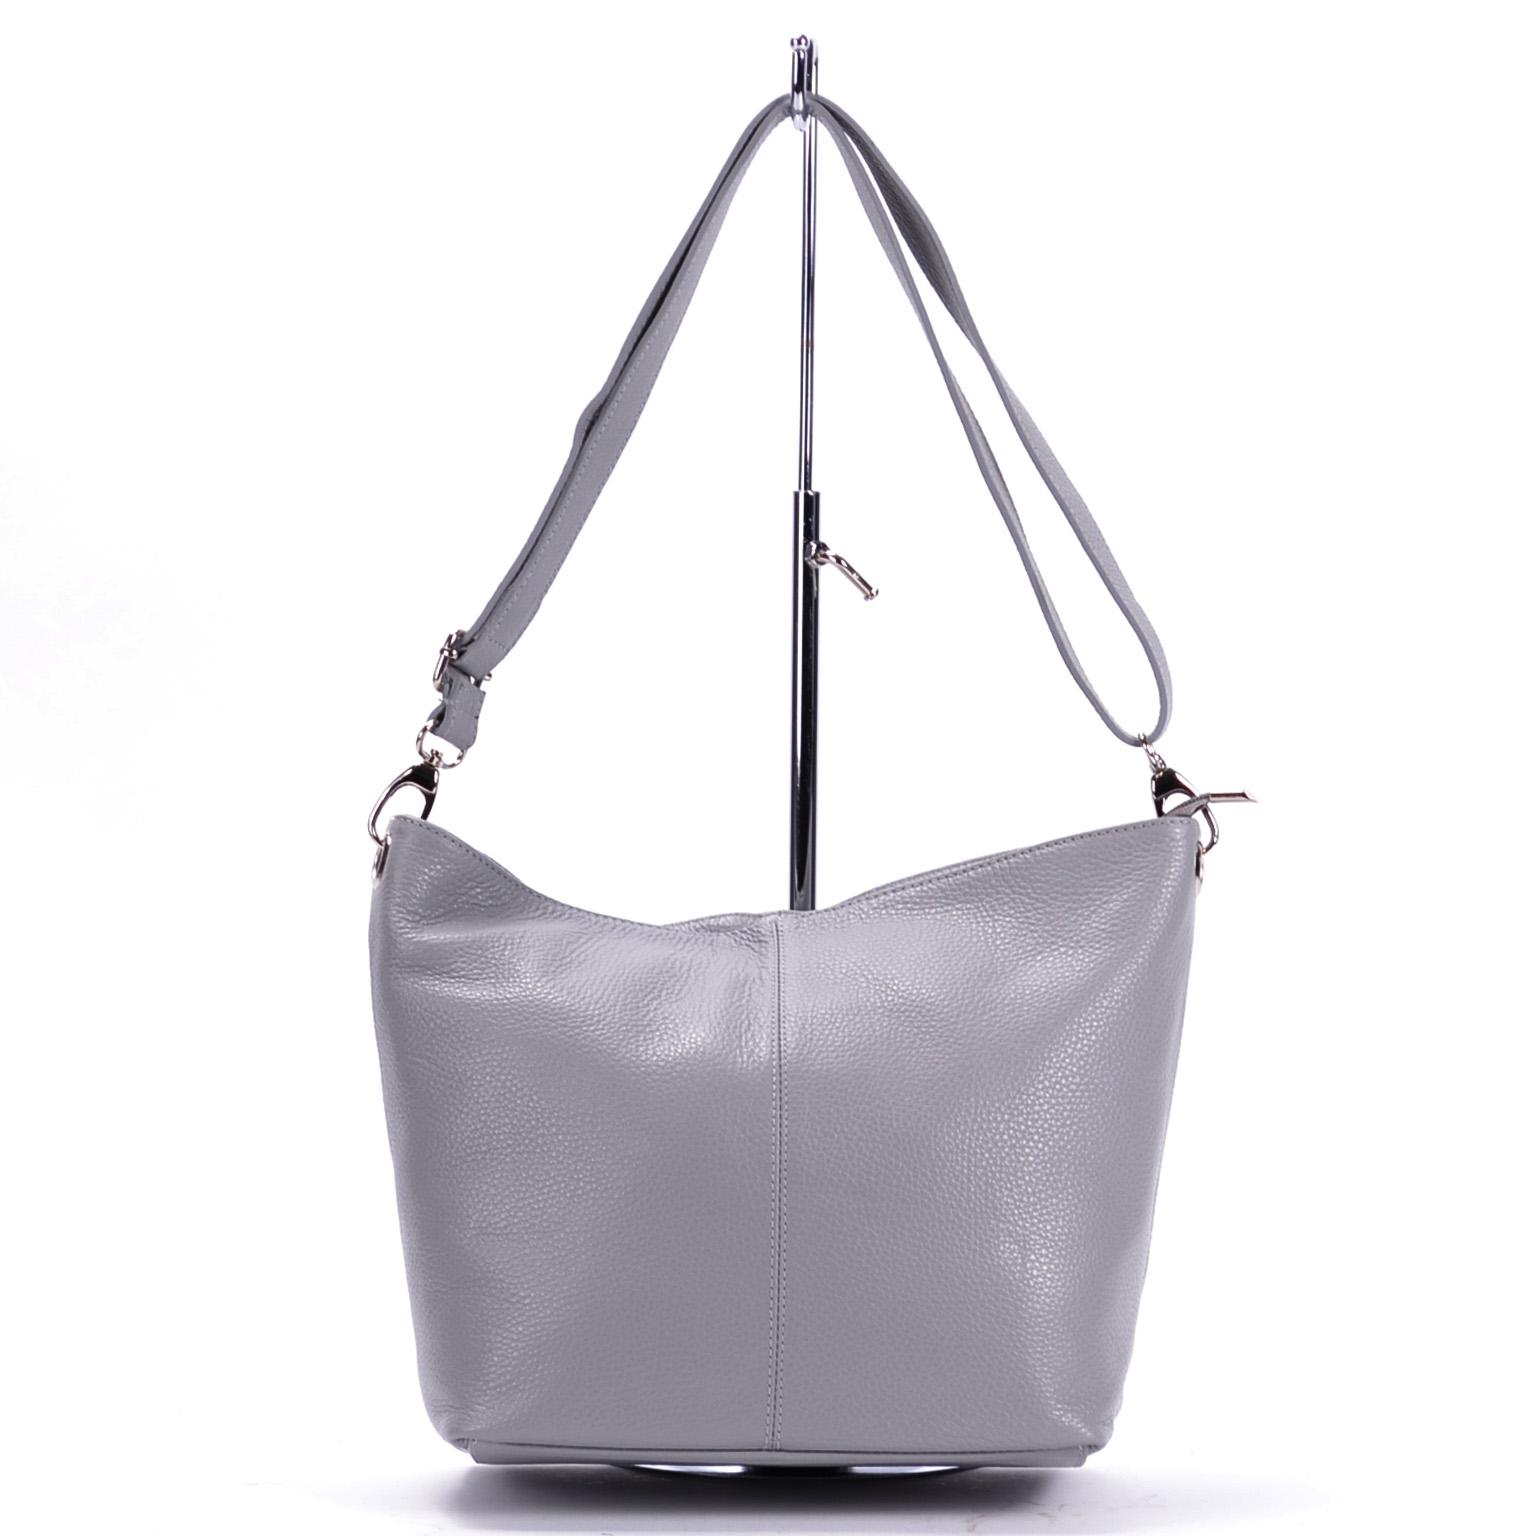 0fad4ad5dfa2 Besty Női Közepes Méretű Valódi Bőr Szürke Válltáska - VALÓDI BŐRTÁSKÁK - Táska  webáruház - Minőségi táskák mindenkinek